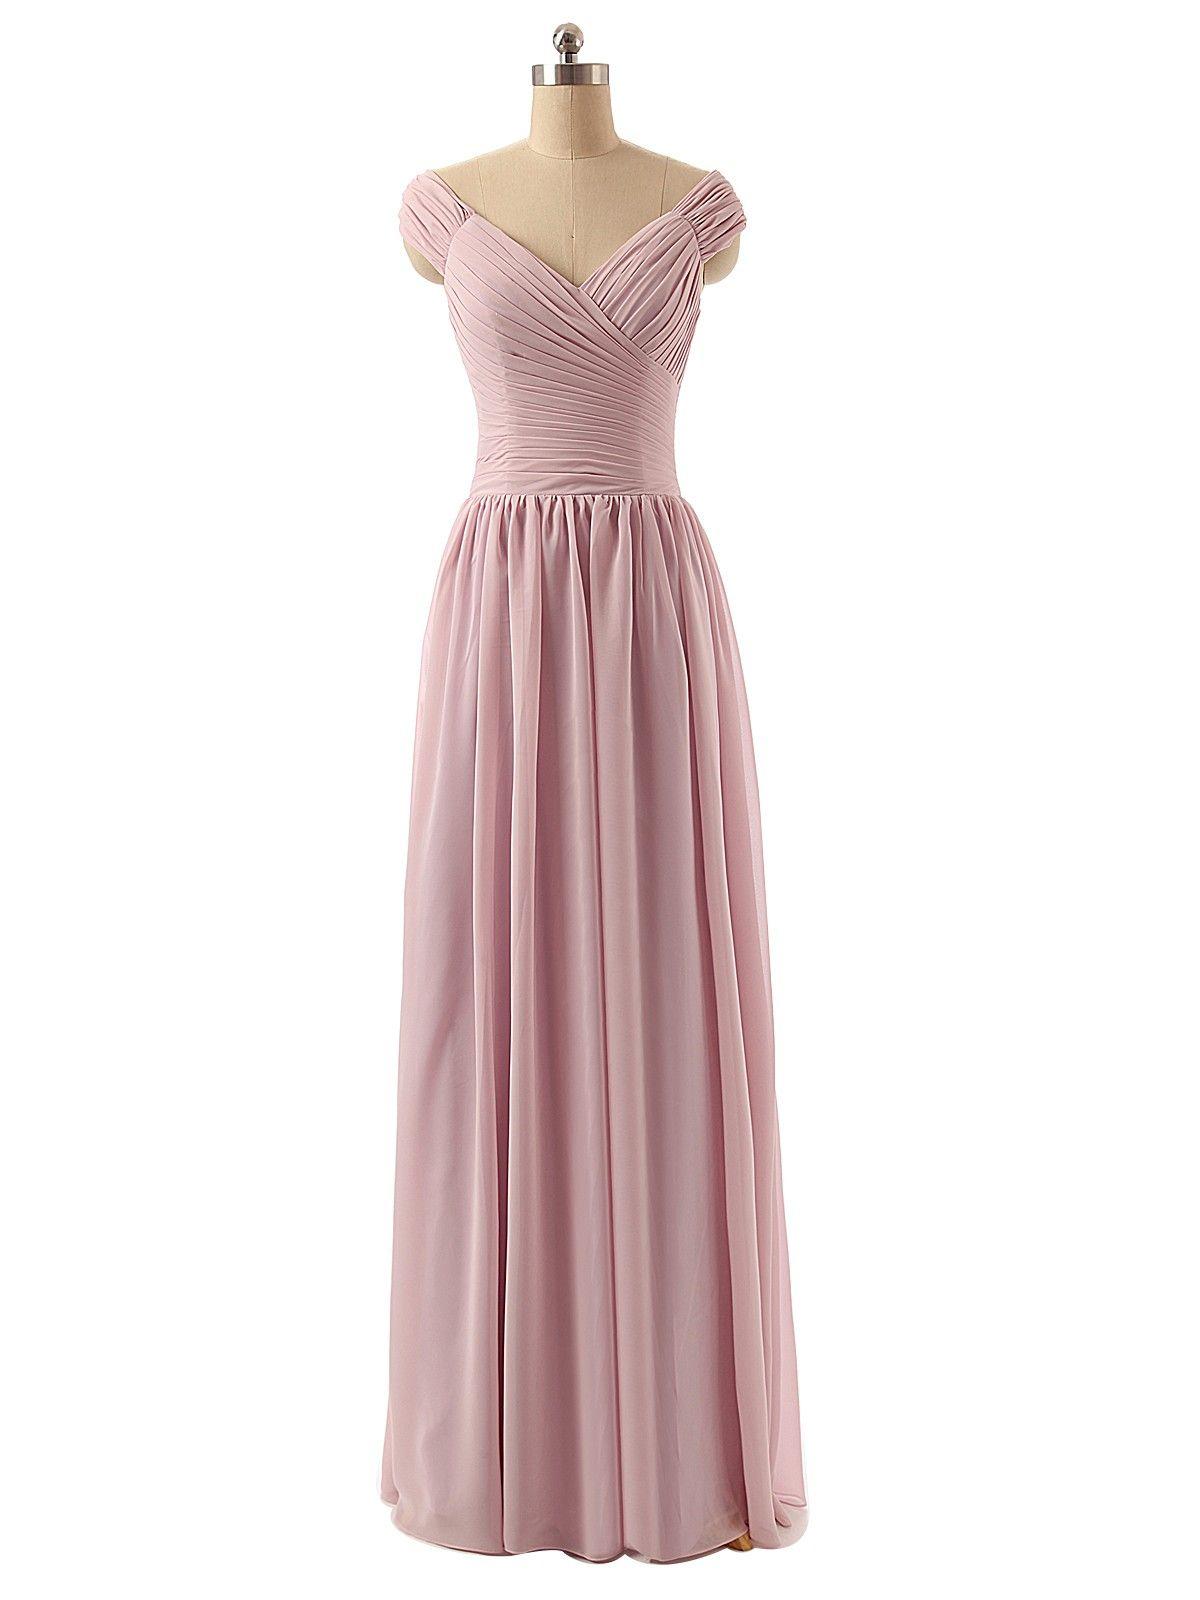 Cap sleeve dusty rose chiffon long bridesmaid dress